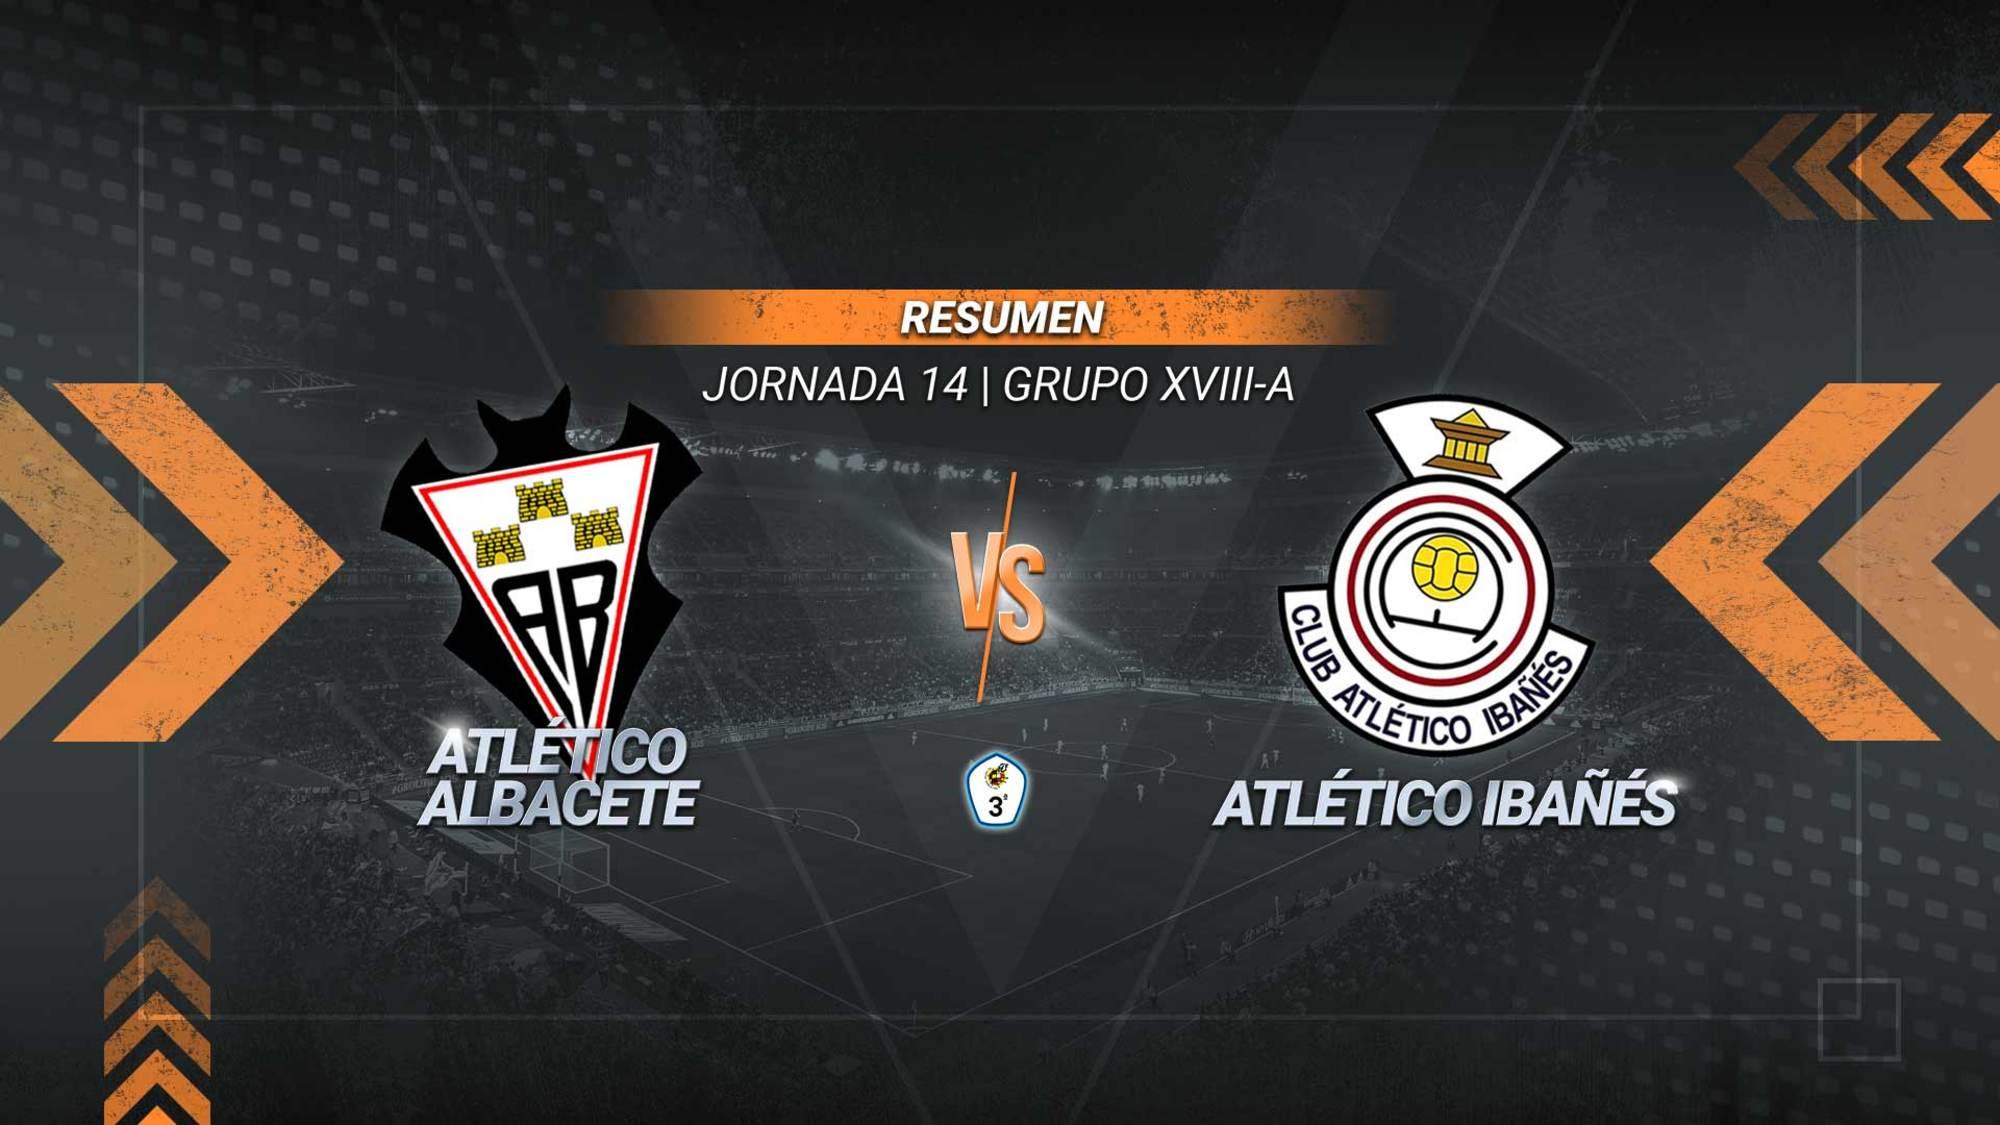 El Atlético Ibañés frena al líder y rasca un punto. El Atlético Albacete ve cortada una racha de cinco triunfos consecutivos, aunque se mantiene primer clasificado de forma provisional con 25 puntos. Los de Casas Ibáñez suman 11.